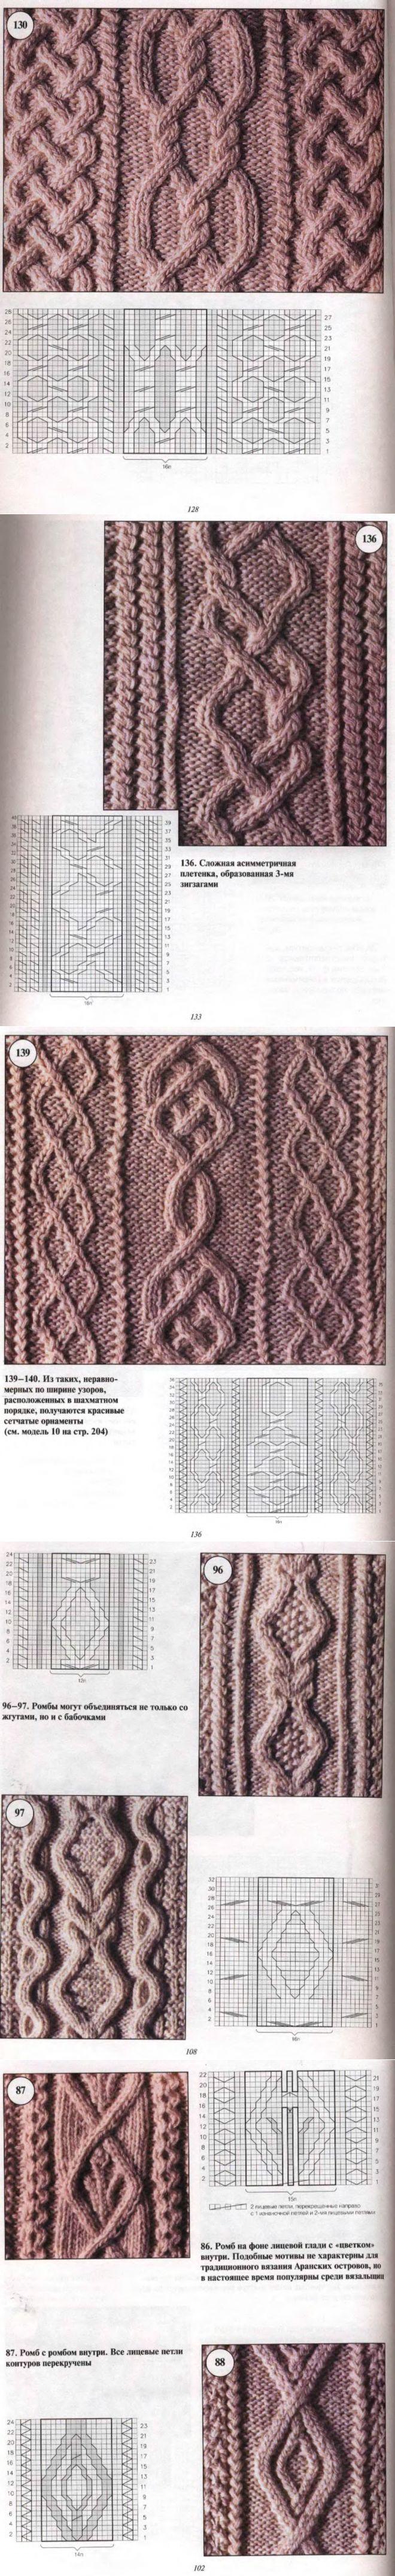 Aran knitting patterns | Free patterns